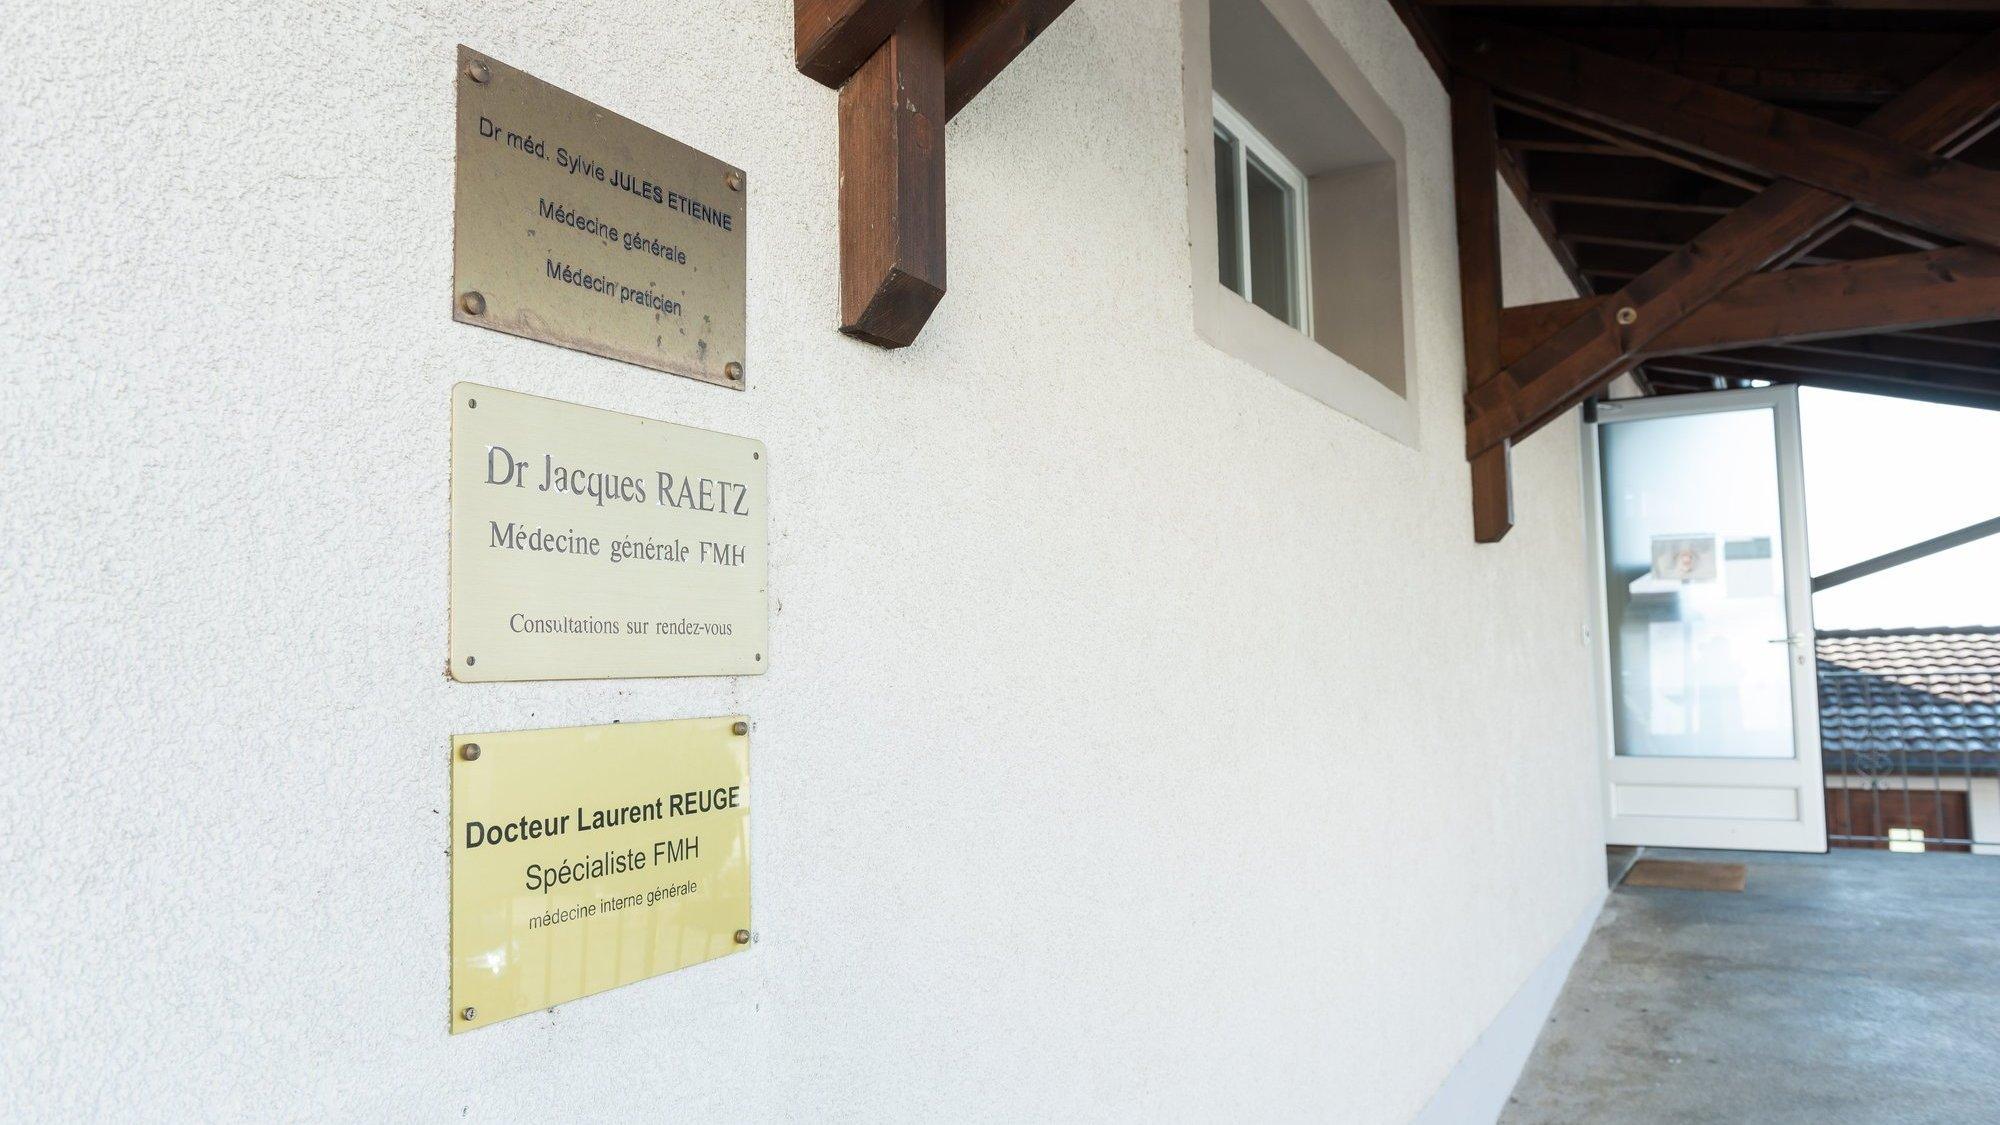 Deux généralistes en moins à Cernier: «C'est difficile d'encourager les jeunes médecins à s'installer au Val-de-Ruz»